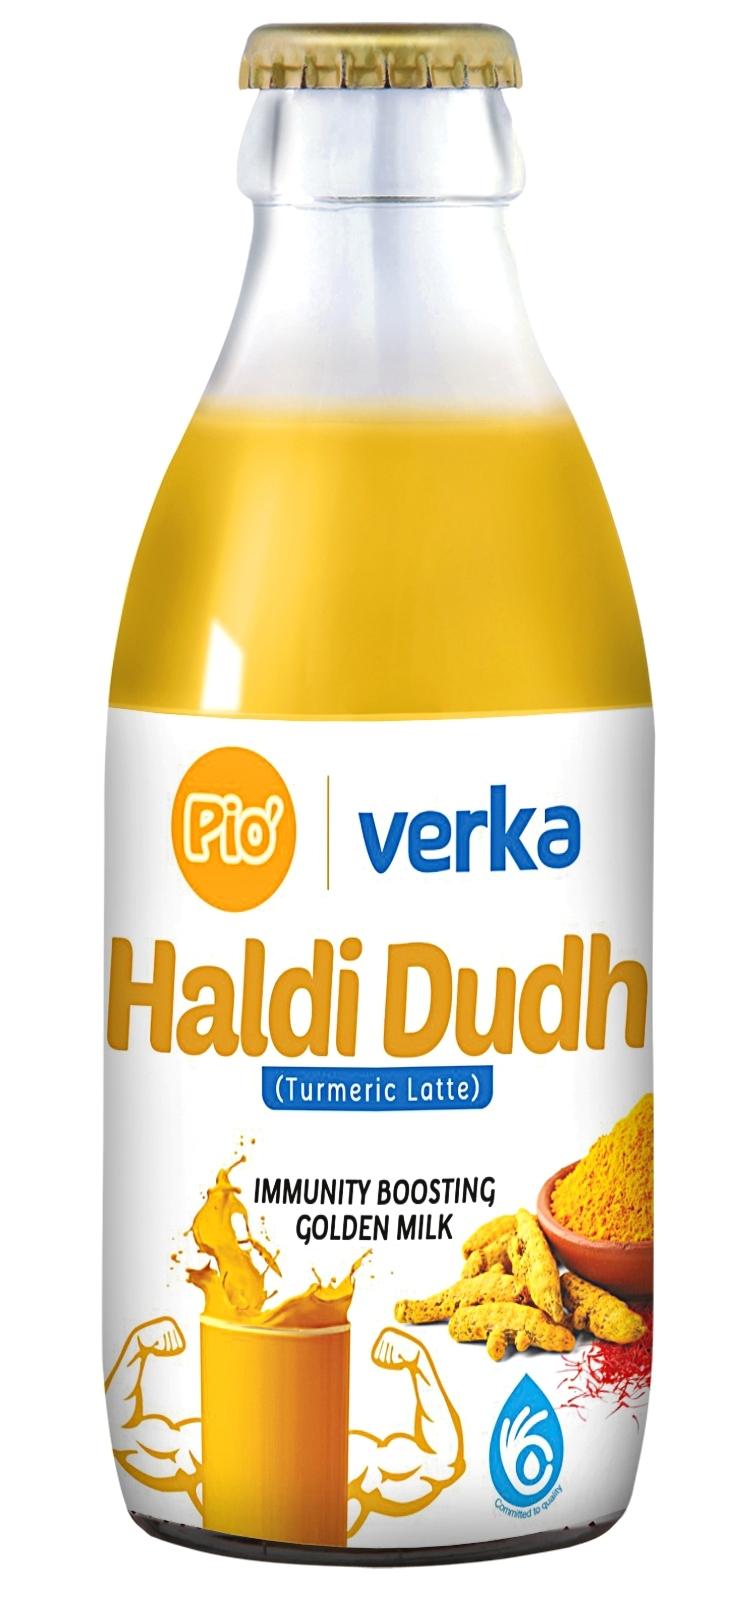 Haldi Dudh